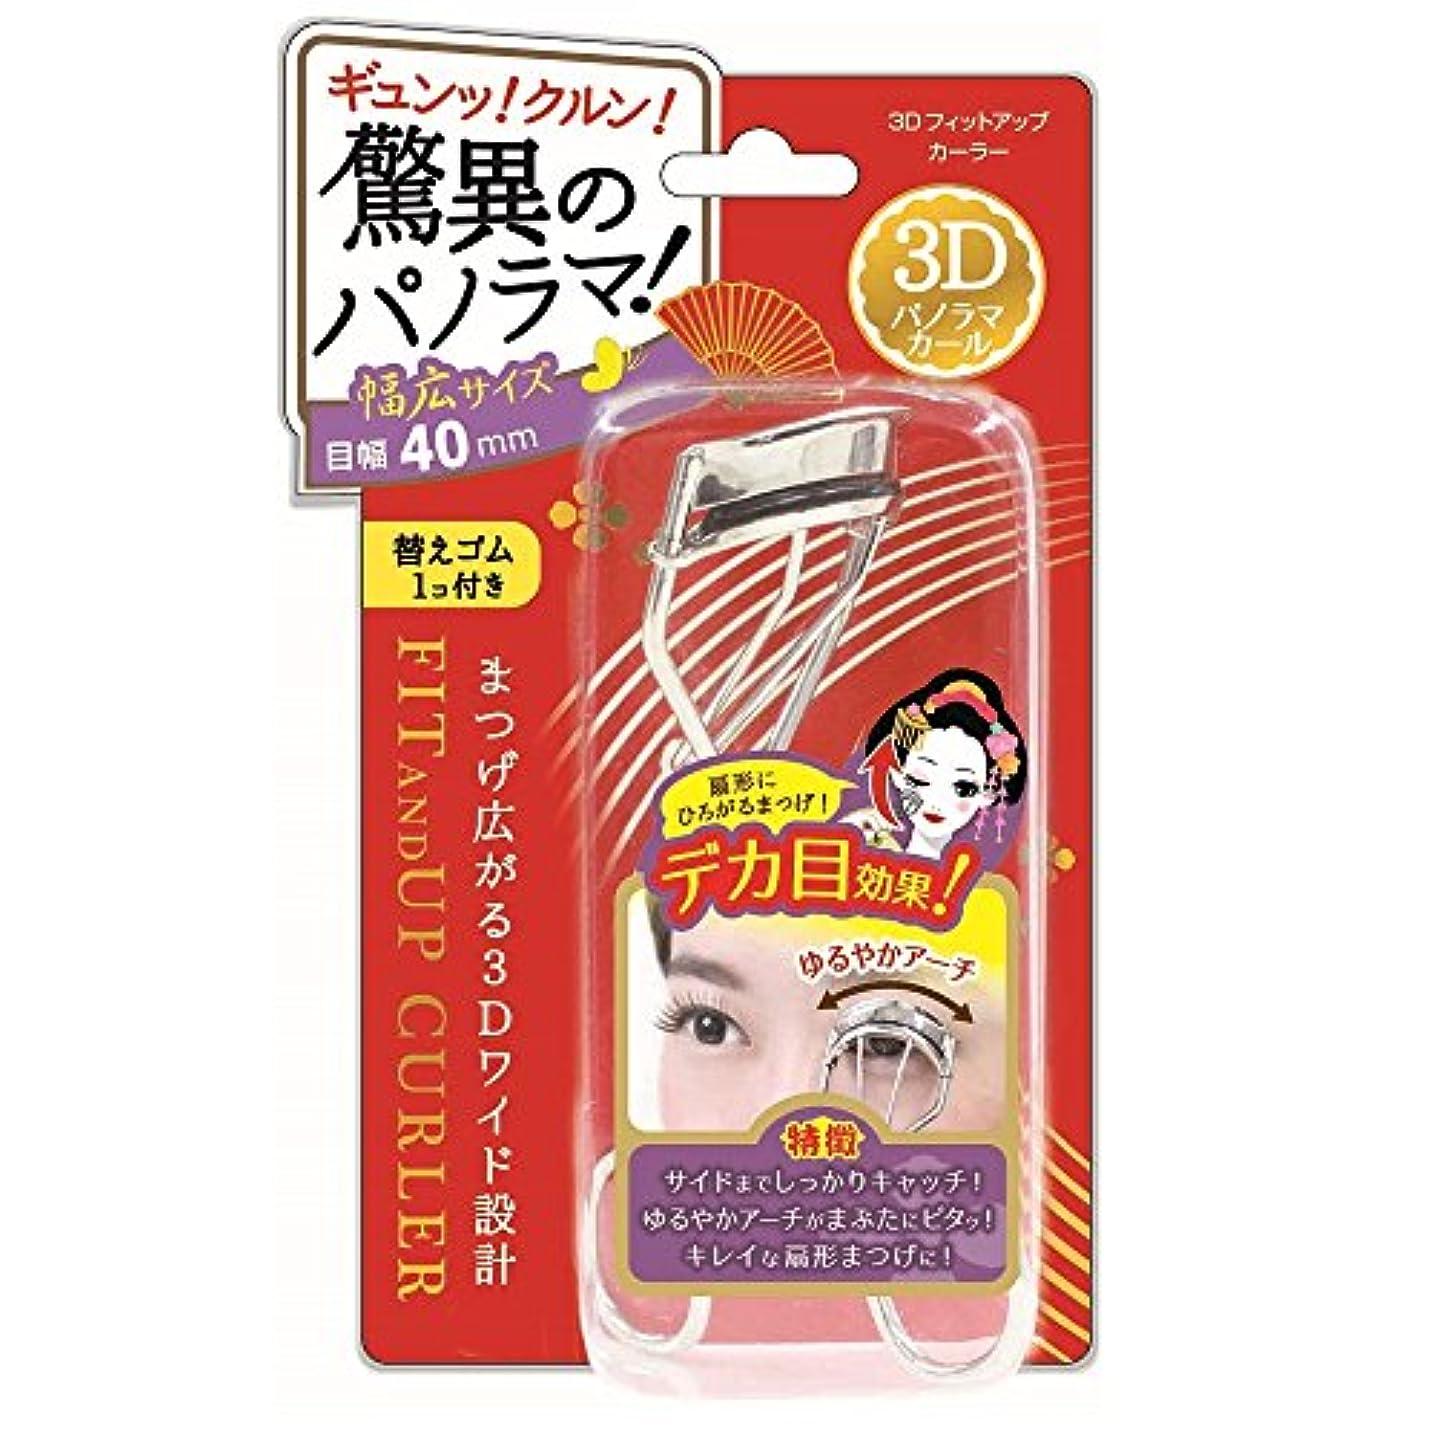 賛辞タッチ太字3Dフィットアップカーラー【FUC682】